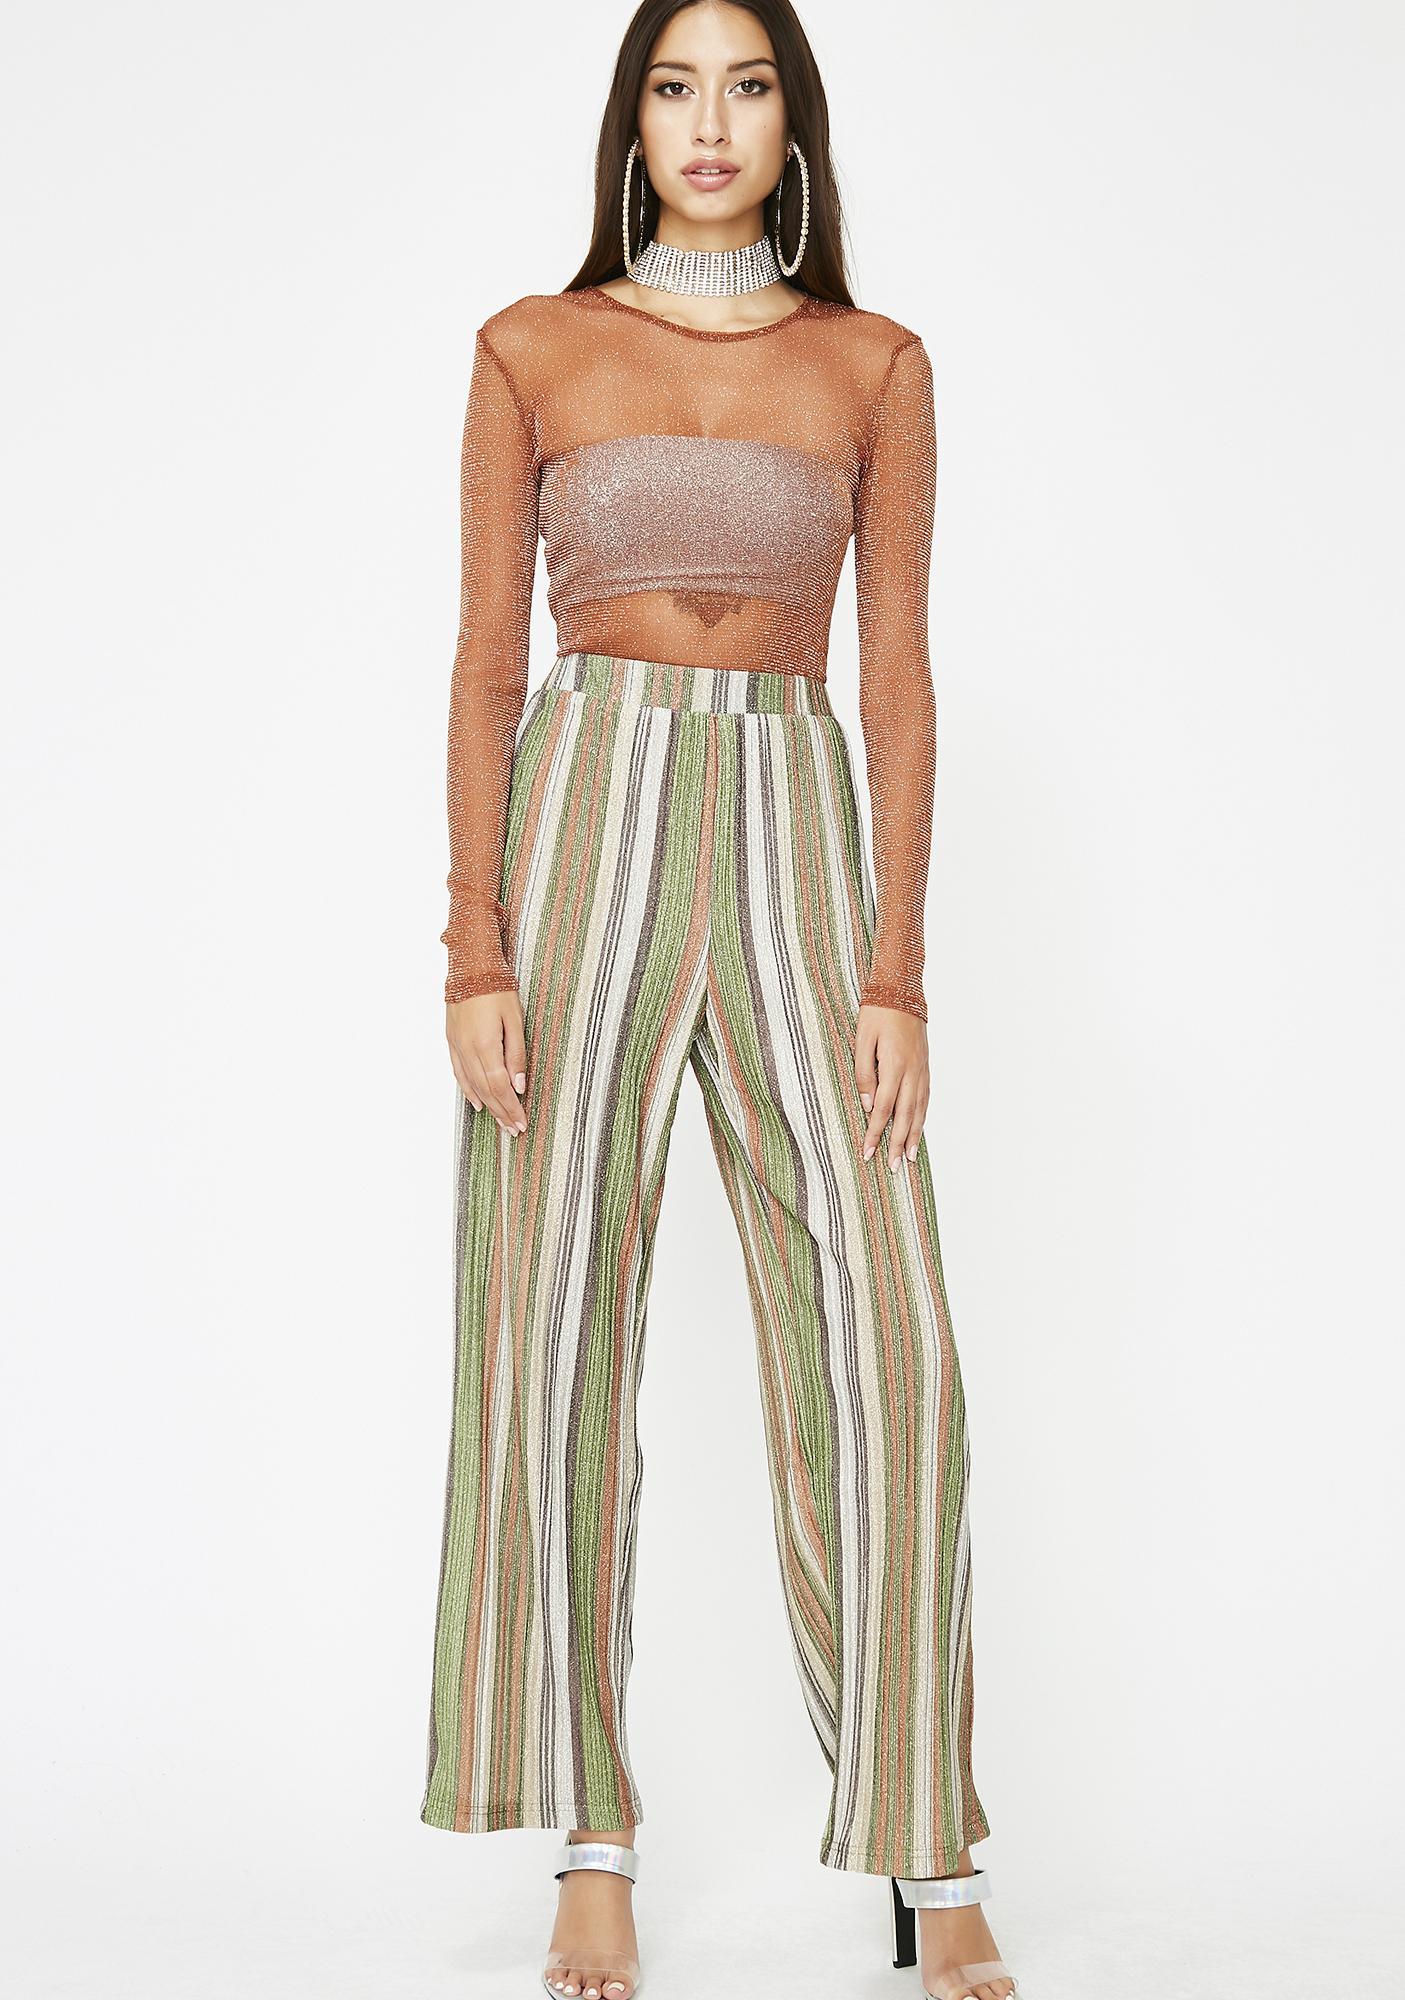 Mojito High Beams Striped Pants